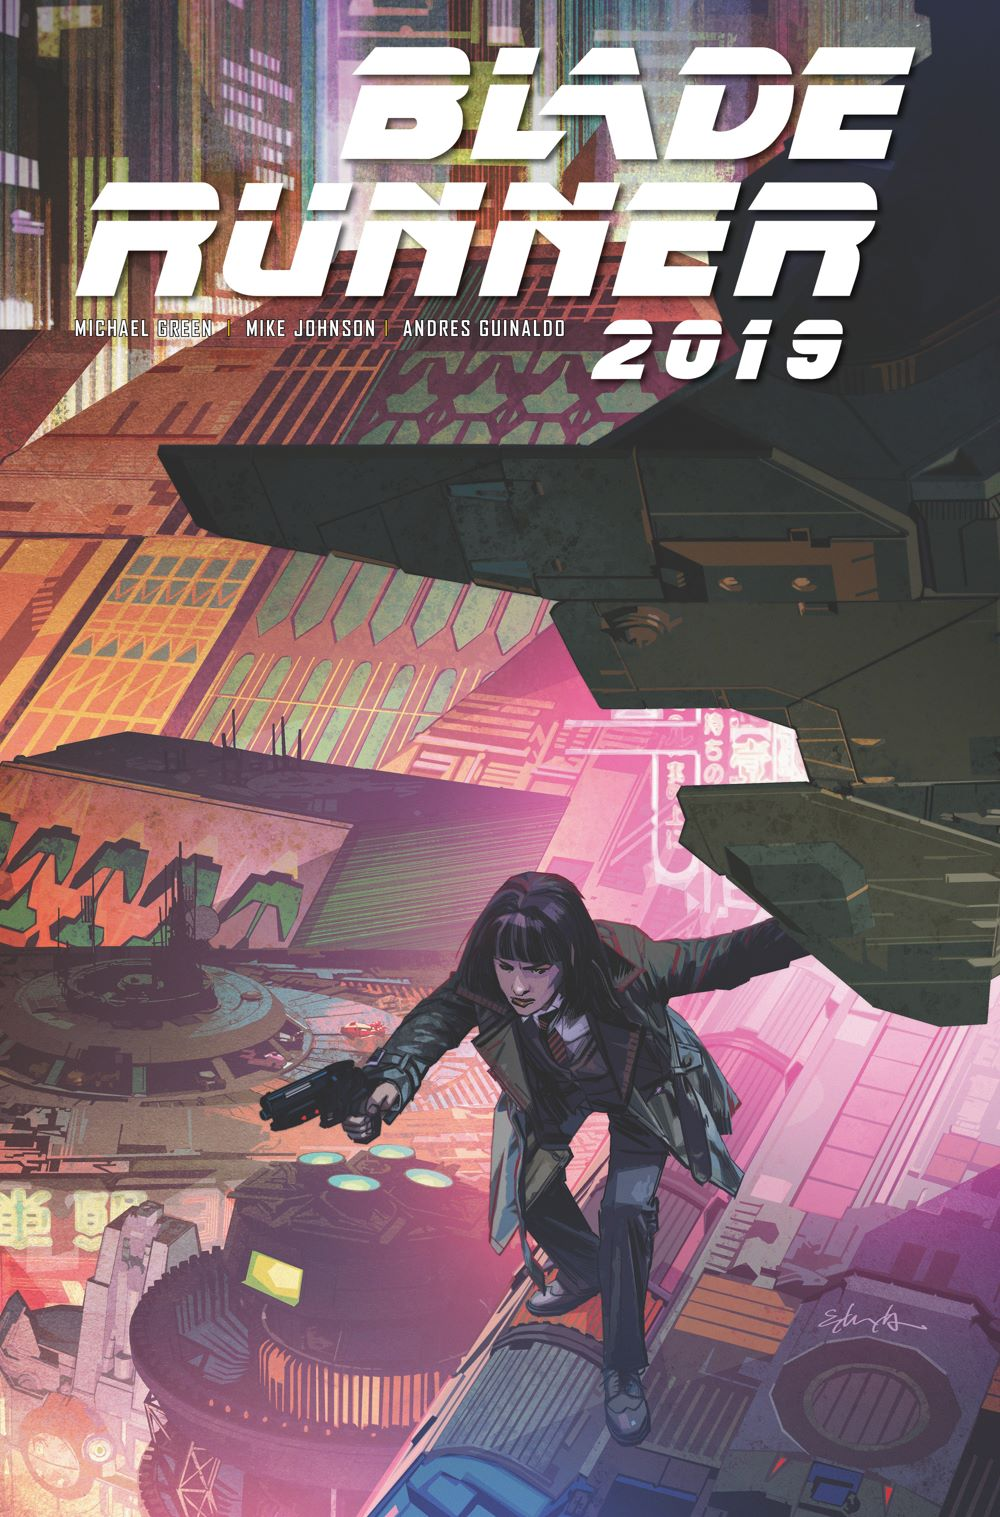 Blade-Runner-2019-9A ComicList Previews: BLADE RUNNER 2019 #9